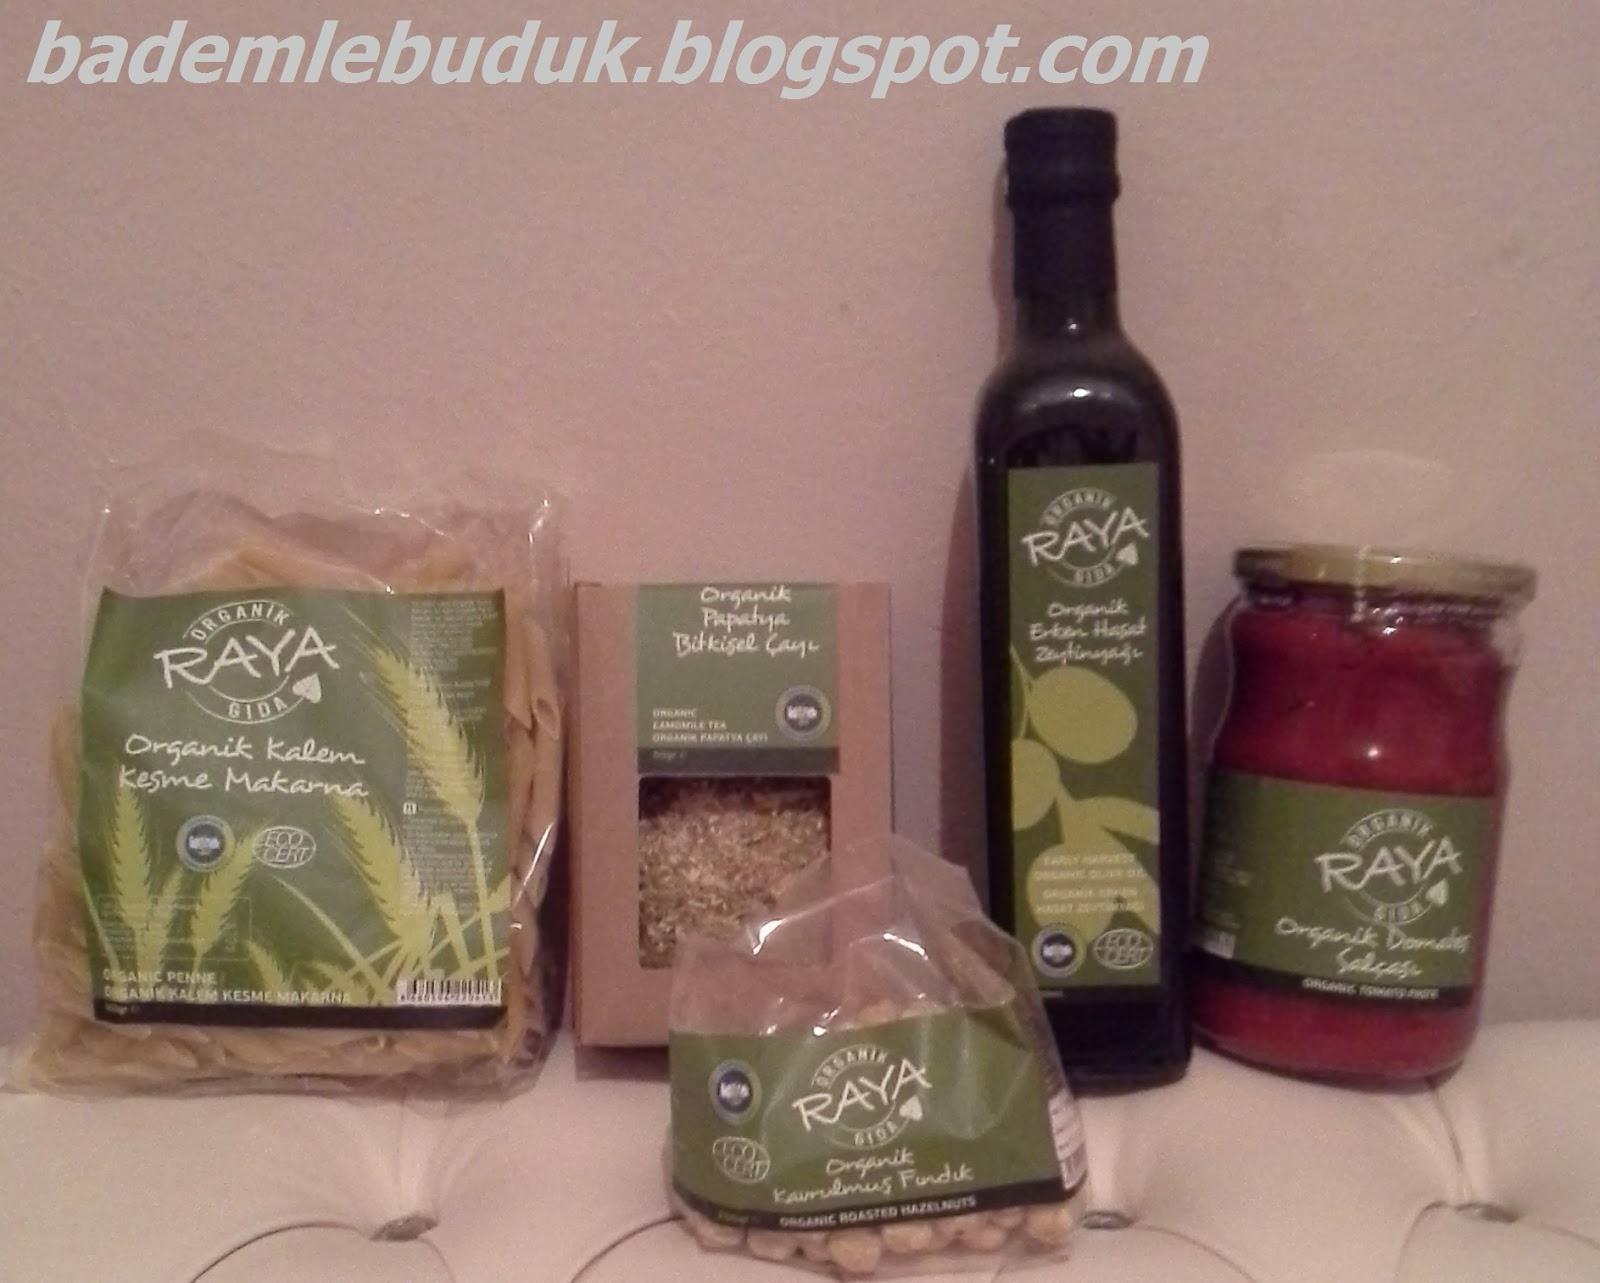 raya organik ürünleri